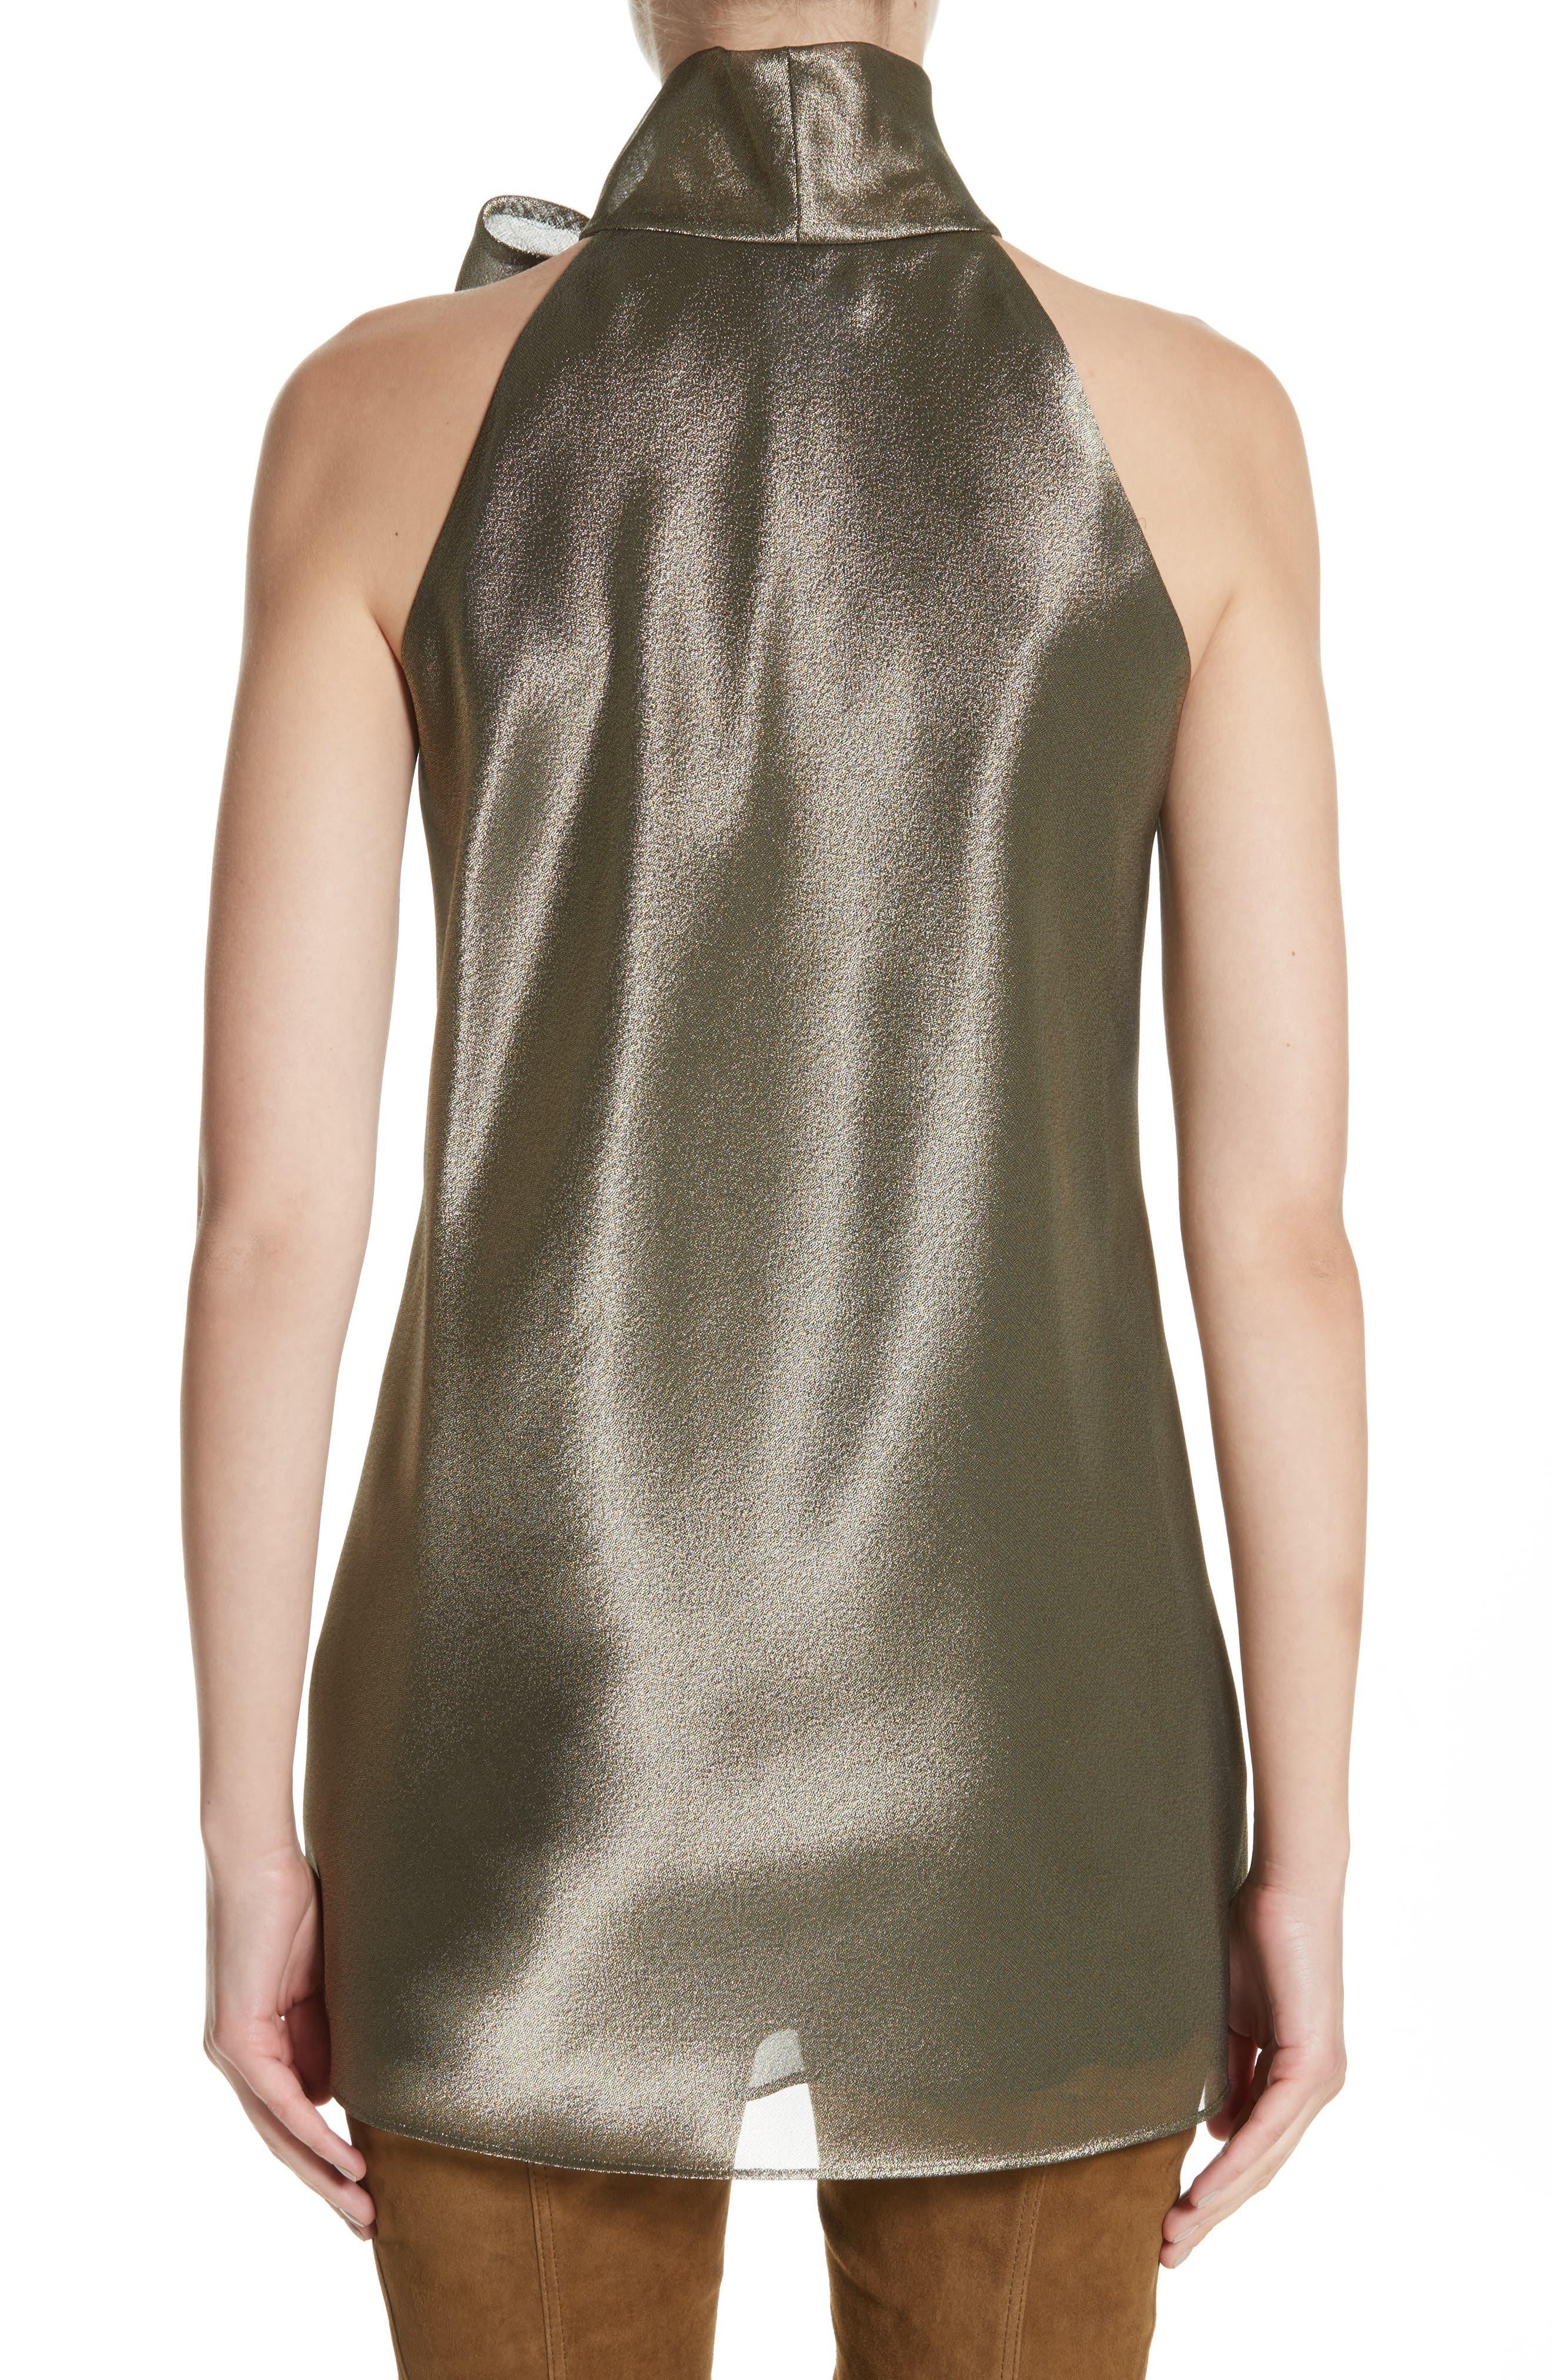 Julissa Bijoux Cloth Blouse,                             Alternate thumbnail 2, color,                             220